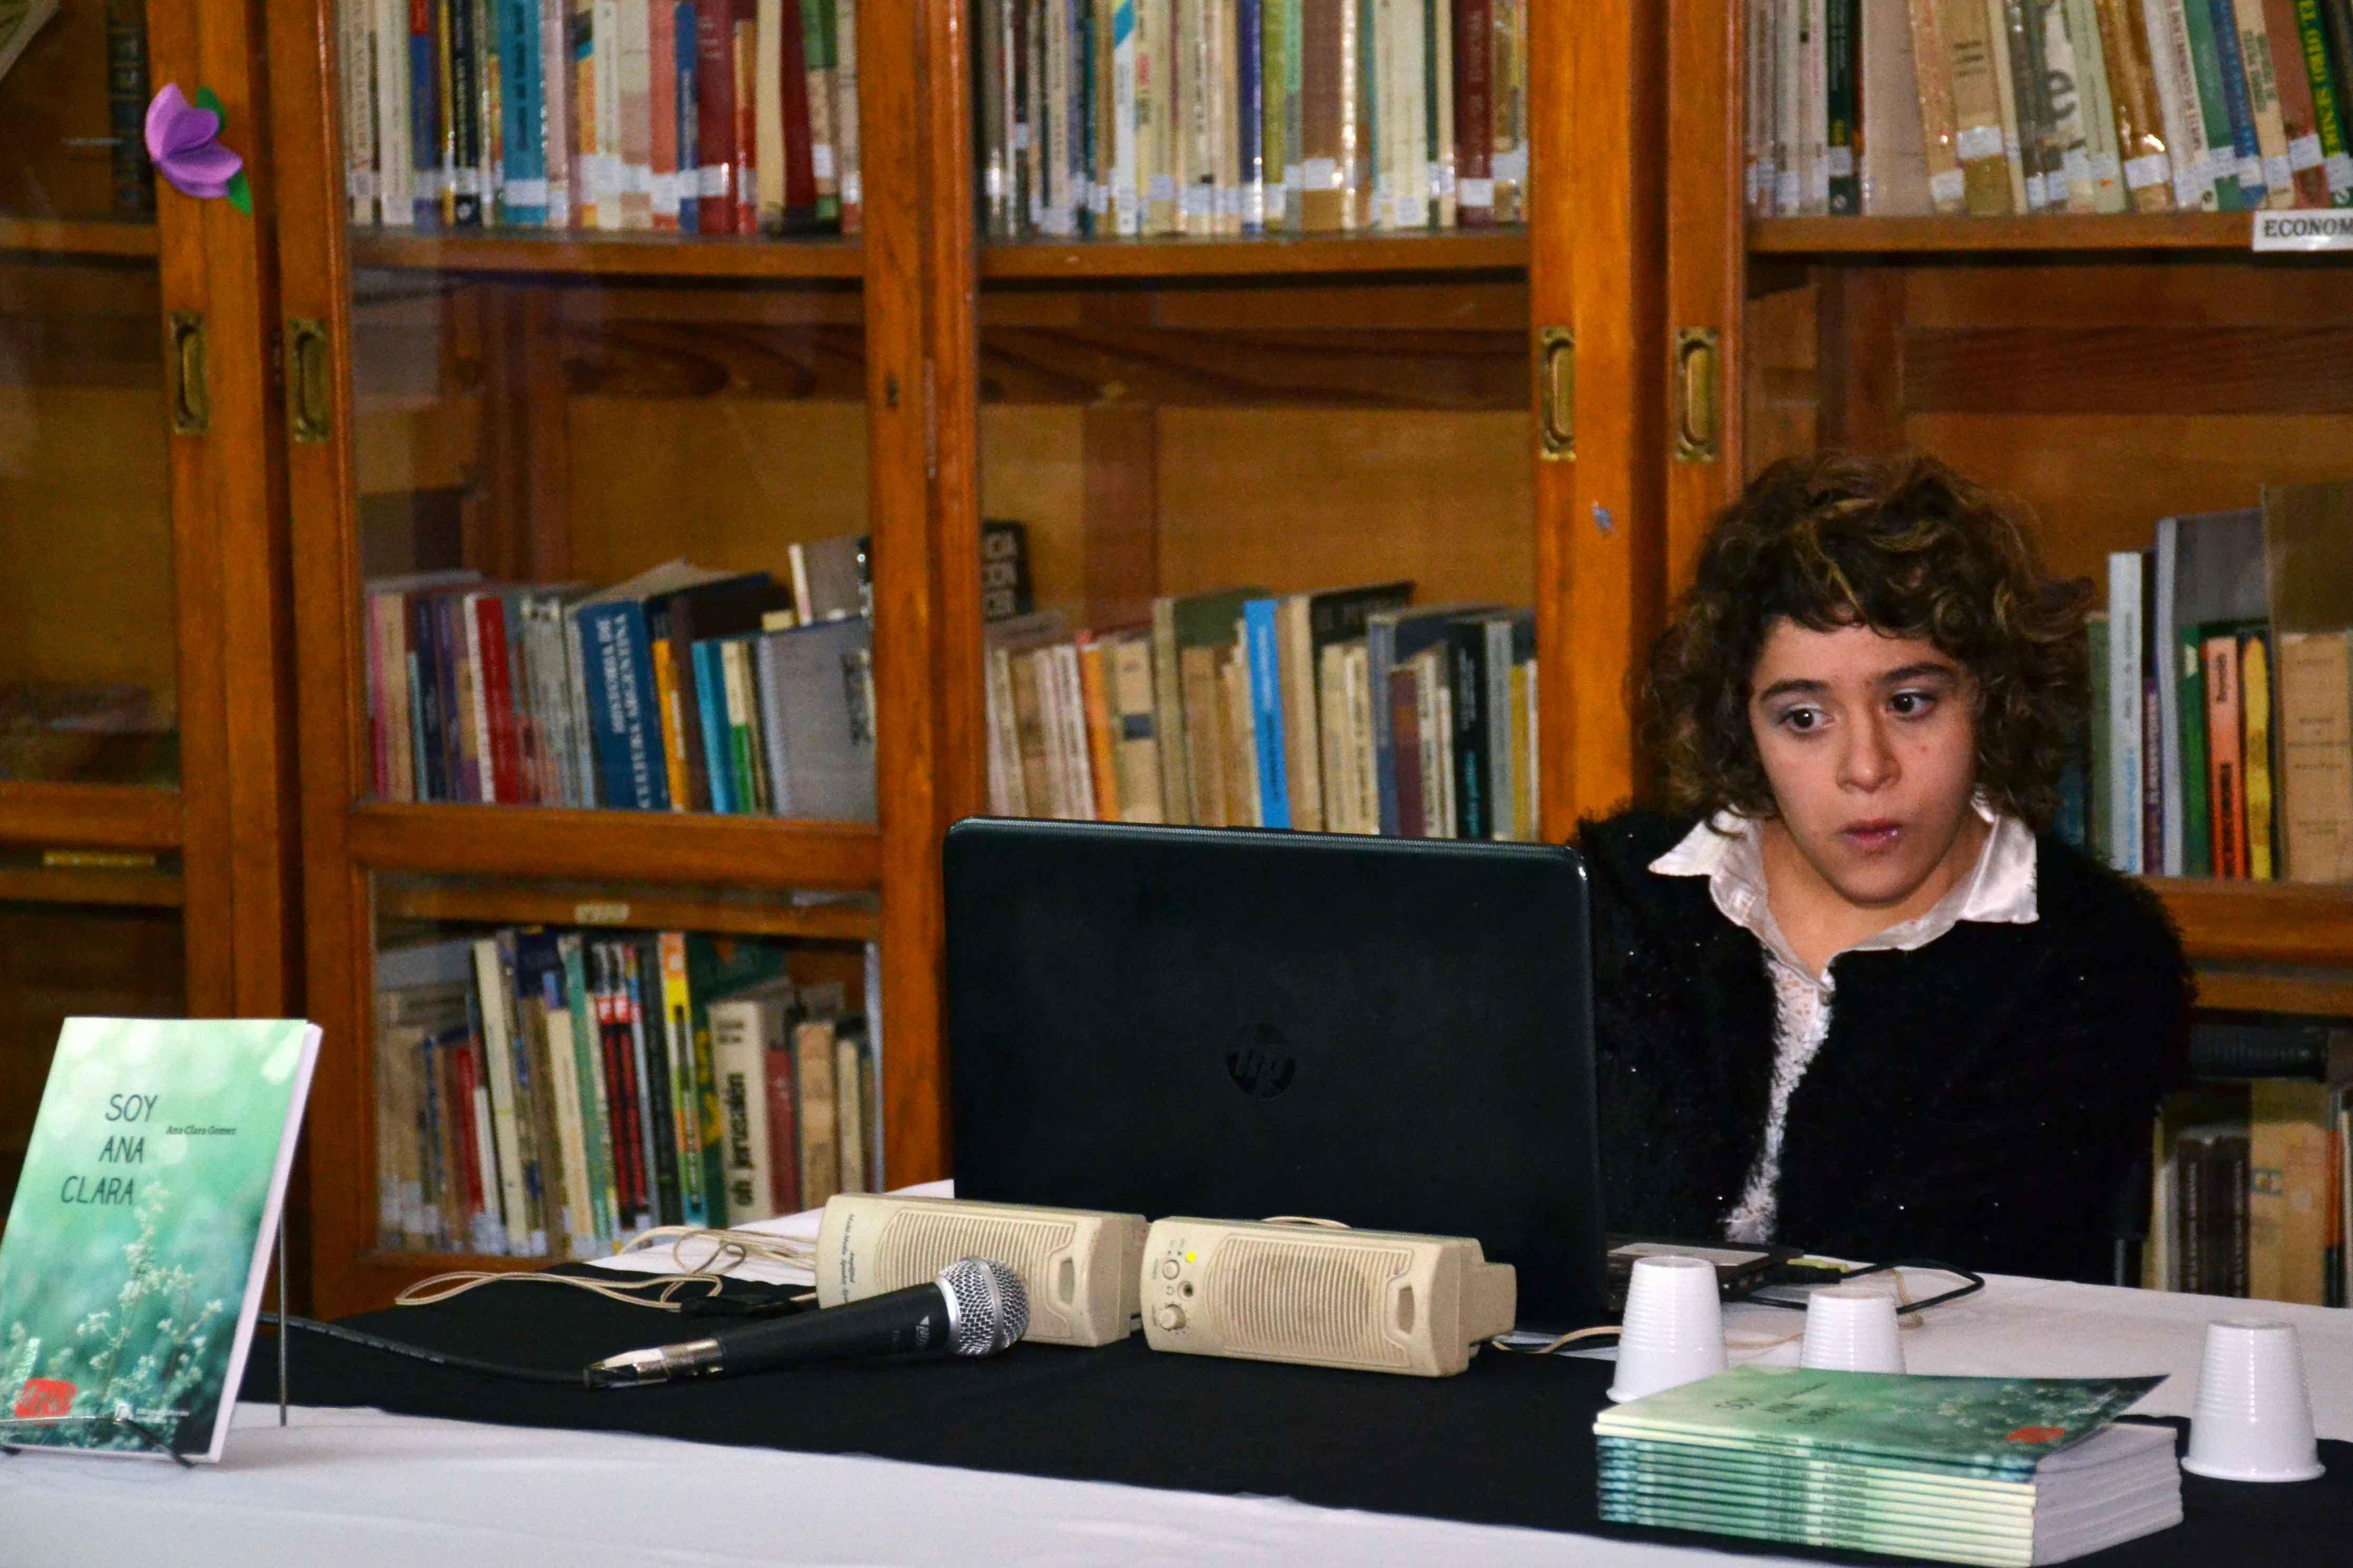 Presentación del libro - Soy Ana Clara - Almafuerte (3)